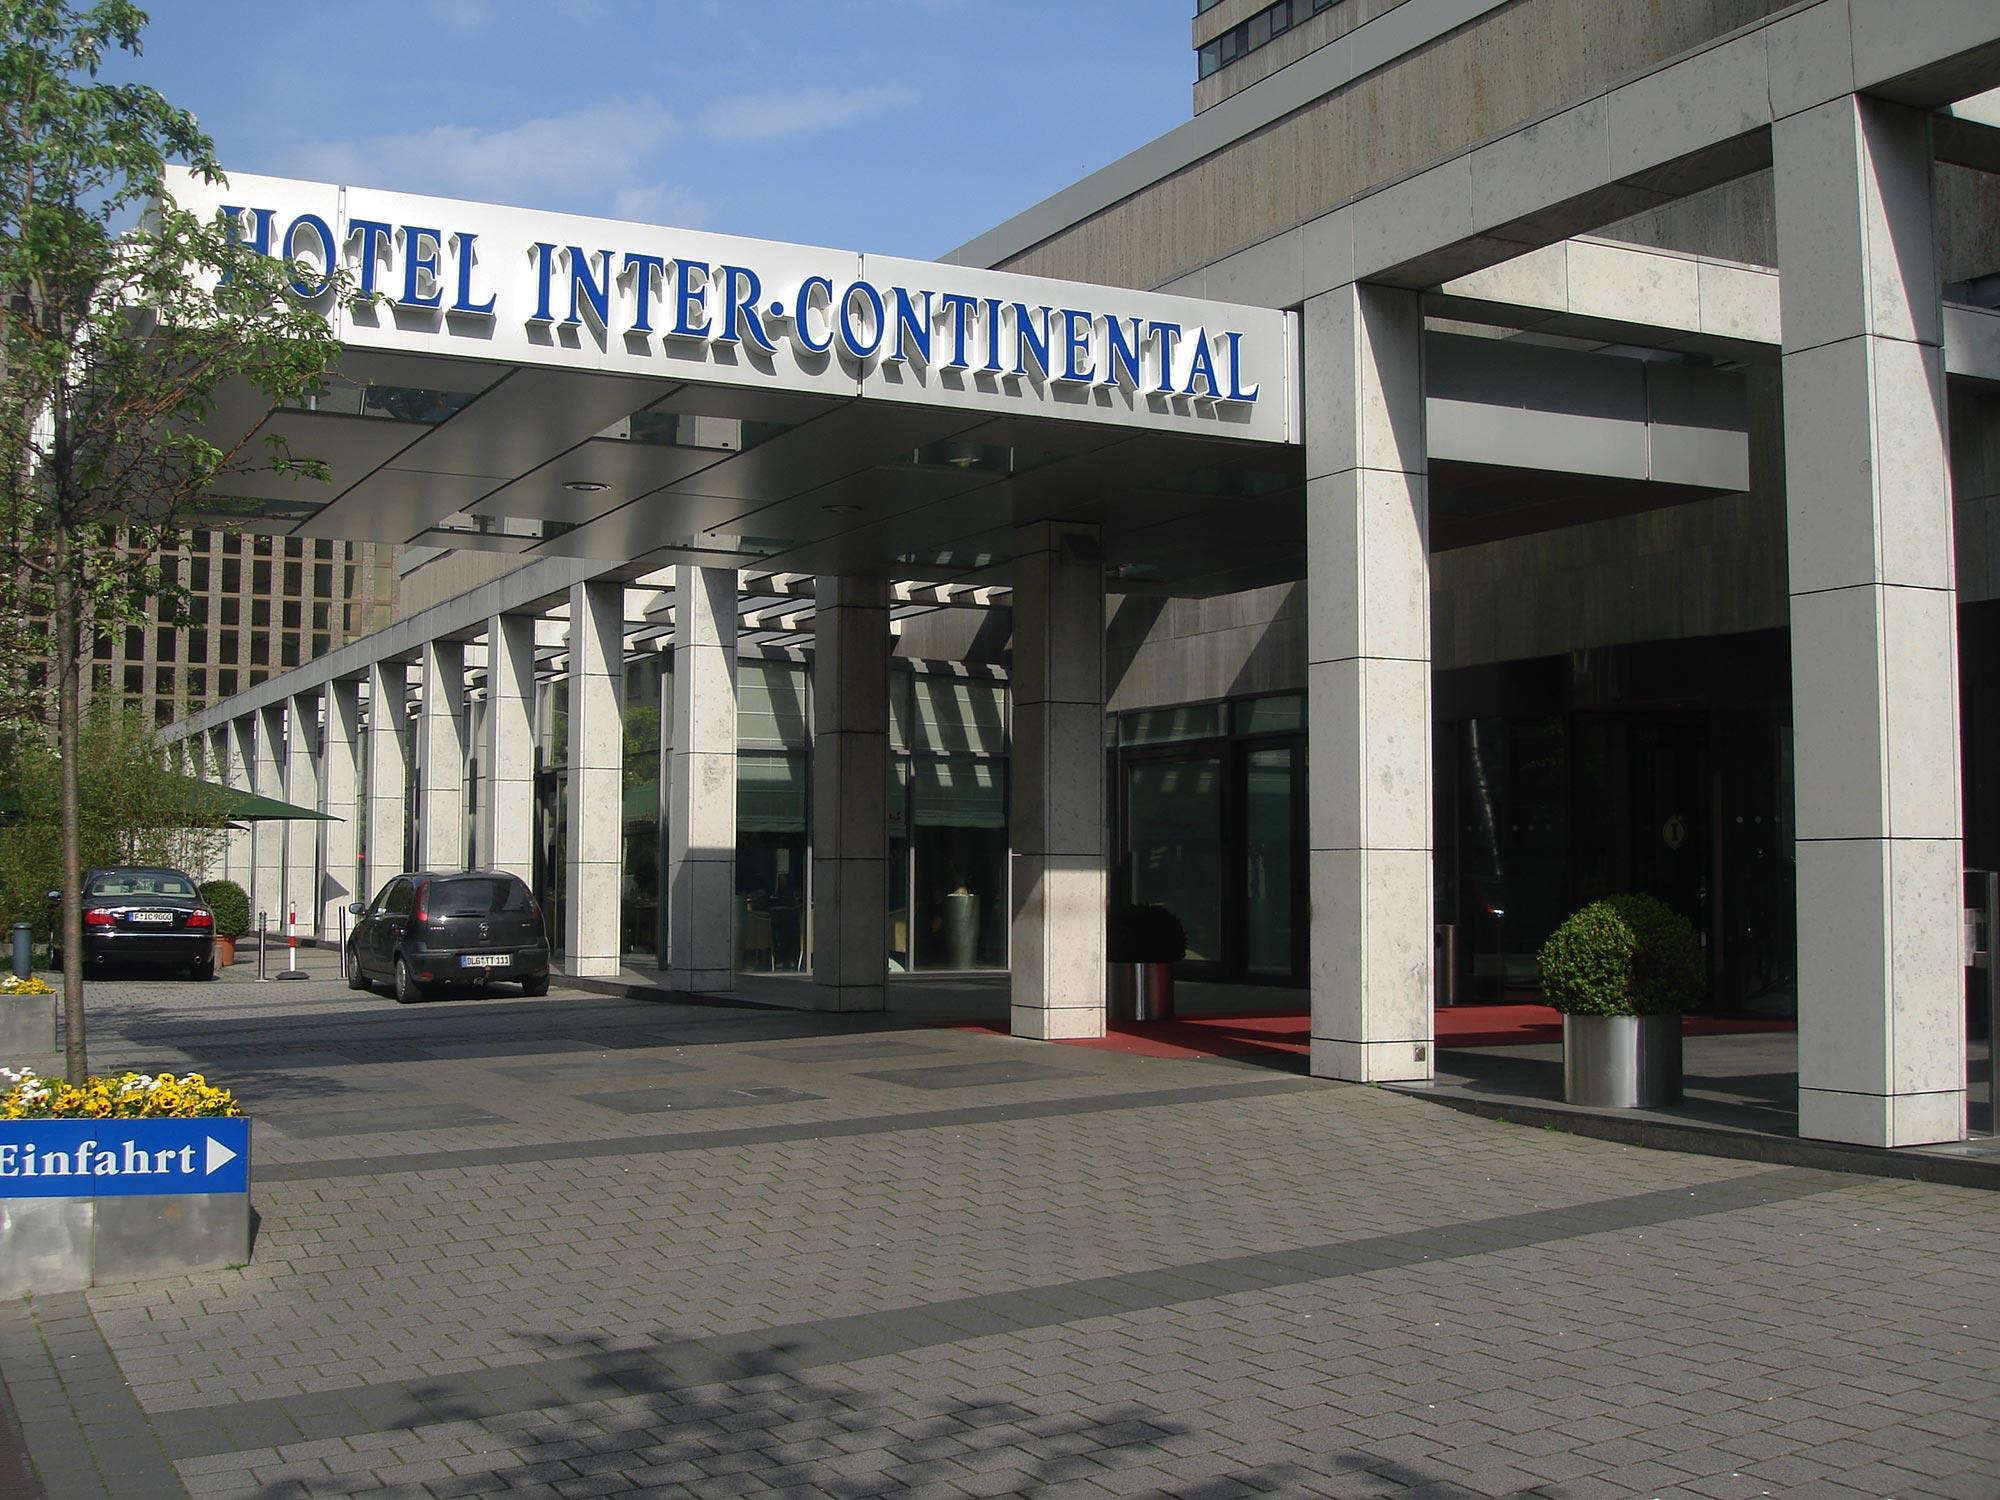 Frankfurt Hotel Intercontinental - Vorfahrt - Eingang